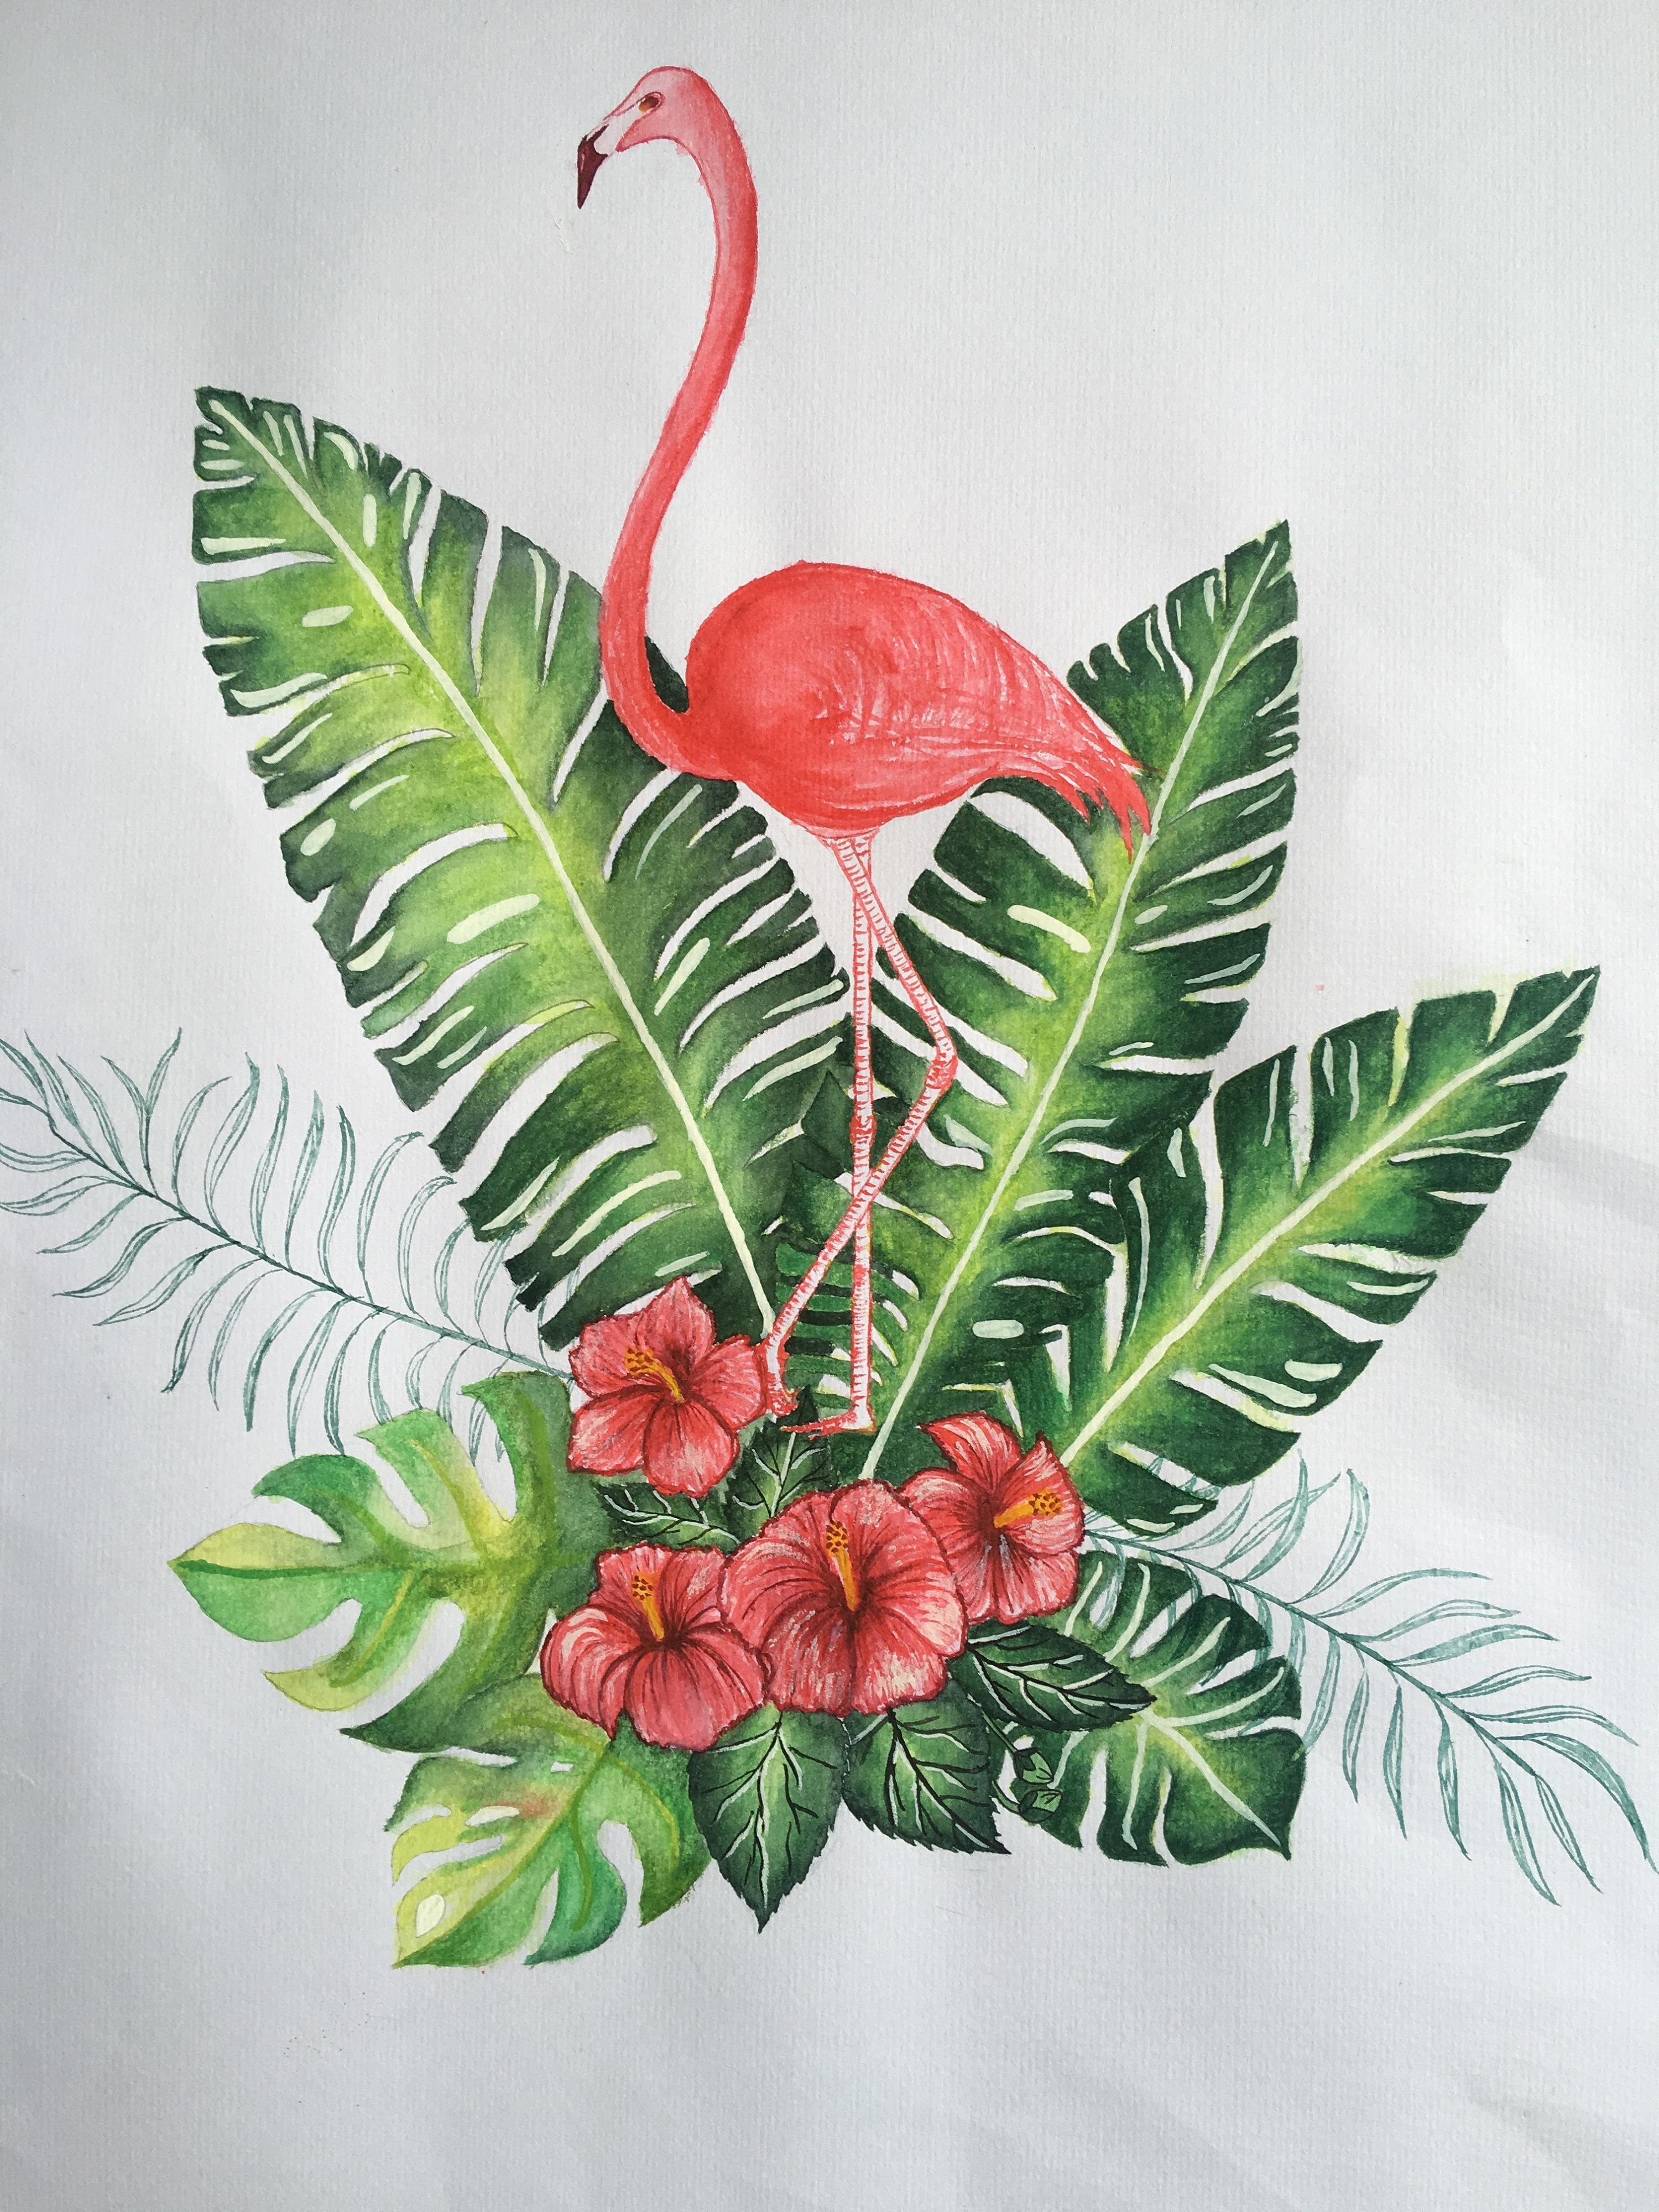 热带植物与火烈鸟